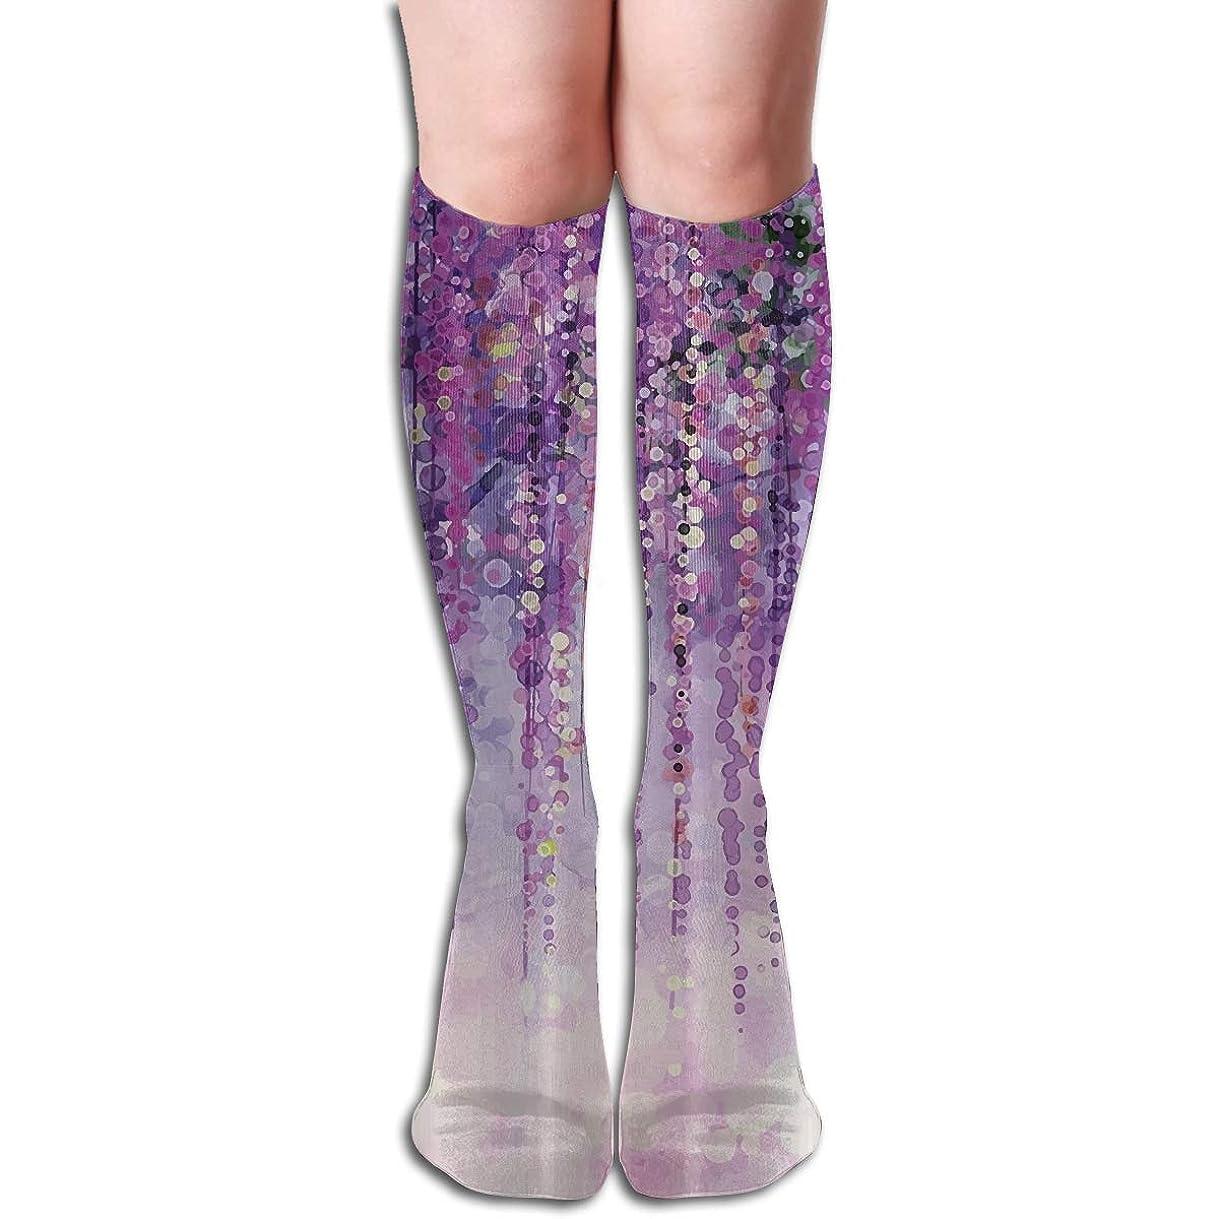 どちらもコンクリート深くQRRIYランドスケープ紫色の花の3 D圧縮ソックス、男性の女性のためのギフト